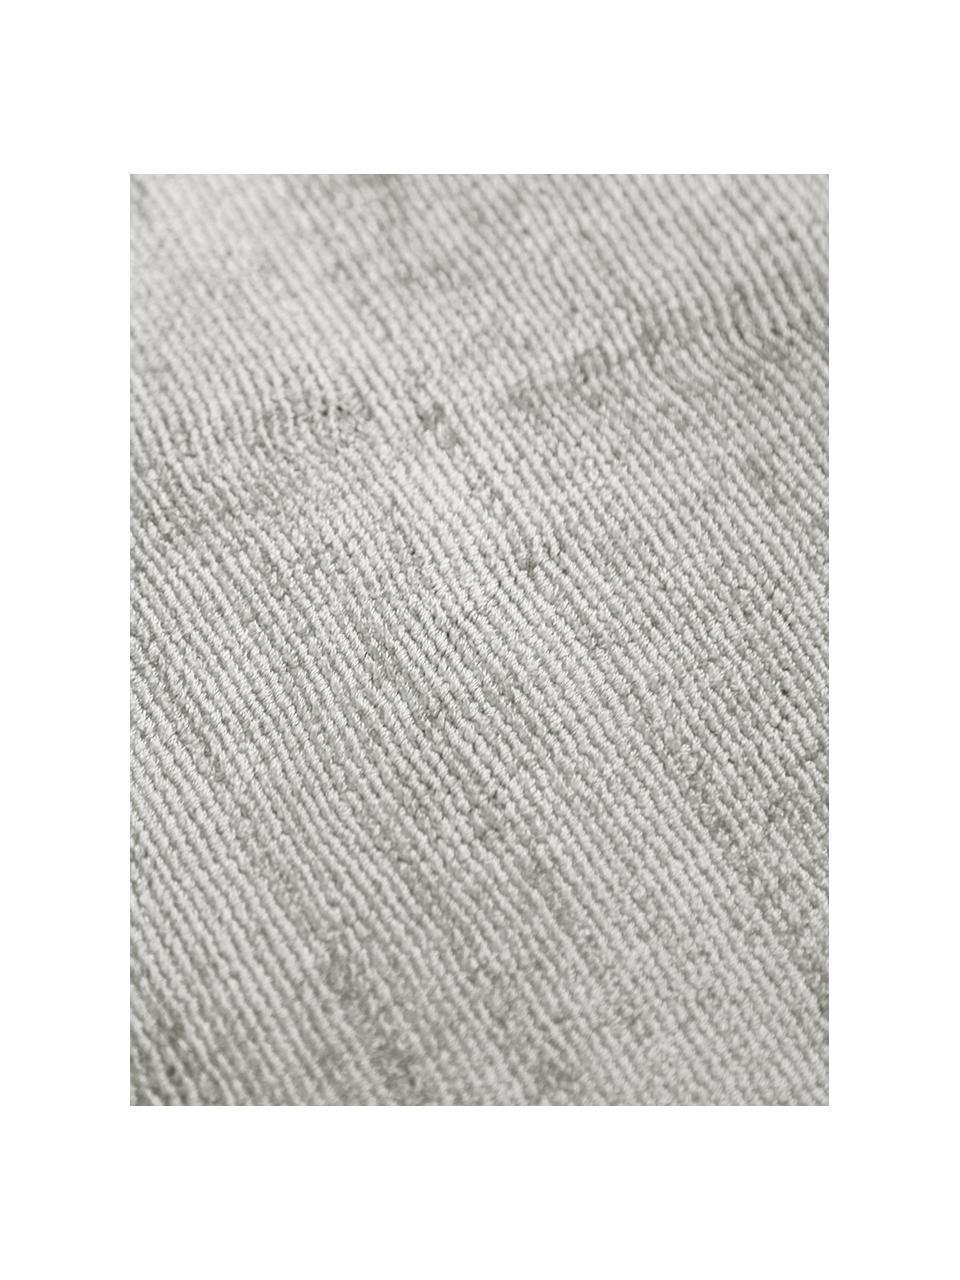 Tappeto in viscosa color grigio chiaro-beige tessuto a mano Jane, Retro: 100% cotone, Grigio chiaro-beige, Larg. 120 x Lung. 180 cm (taglia S)